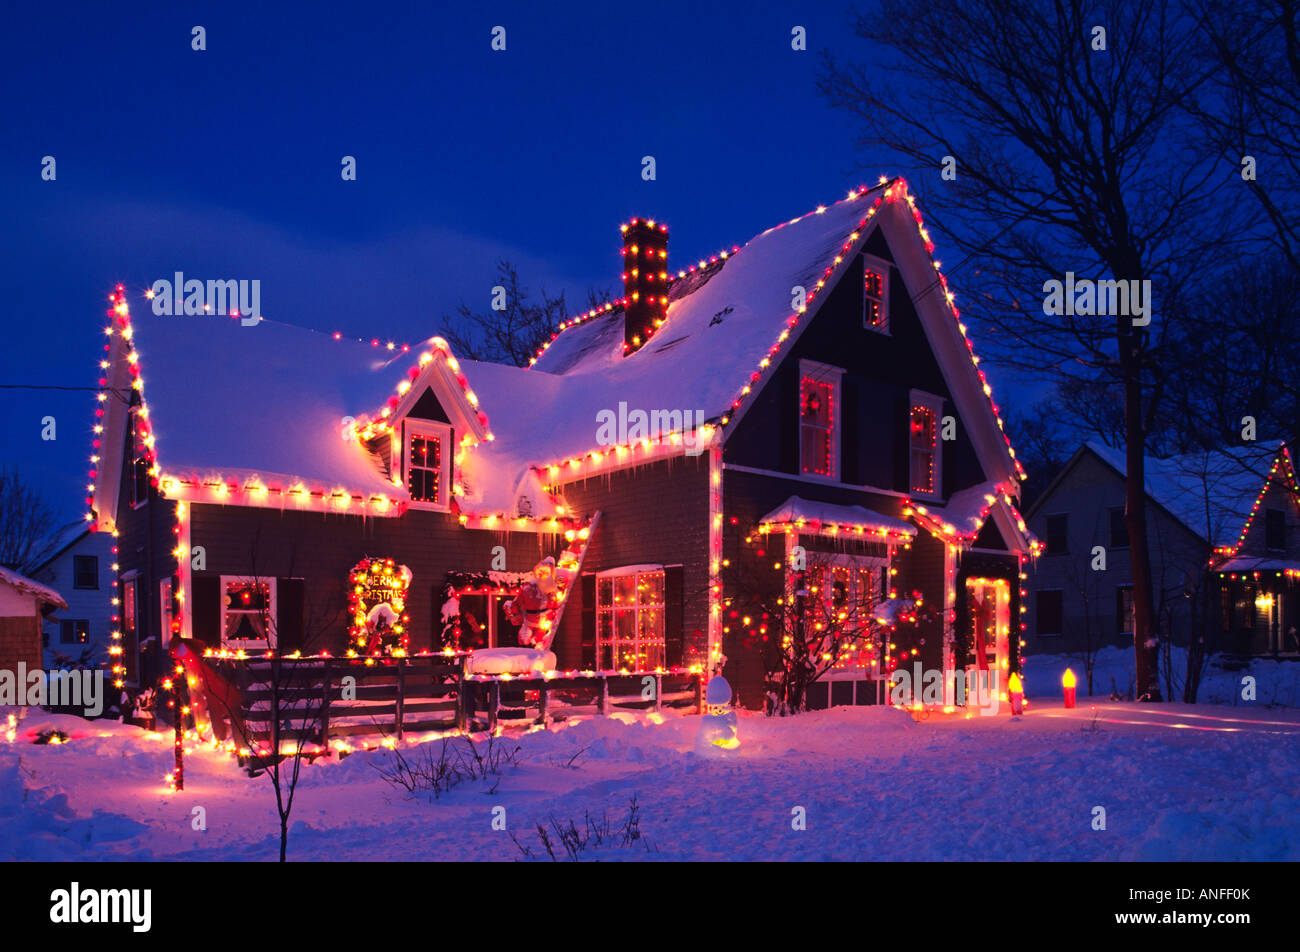 Weihnachtsessen Island.Haus Dekoriert Für Weihnachten Crapeau Prince Edward Island